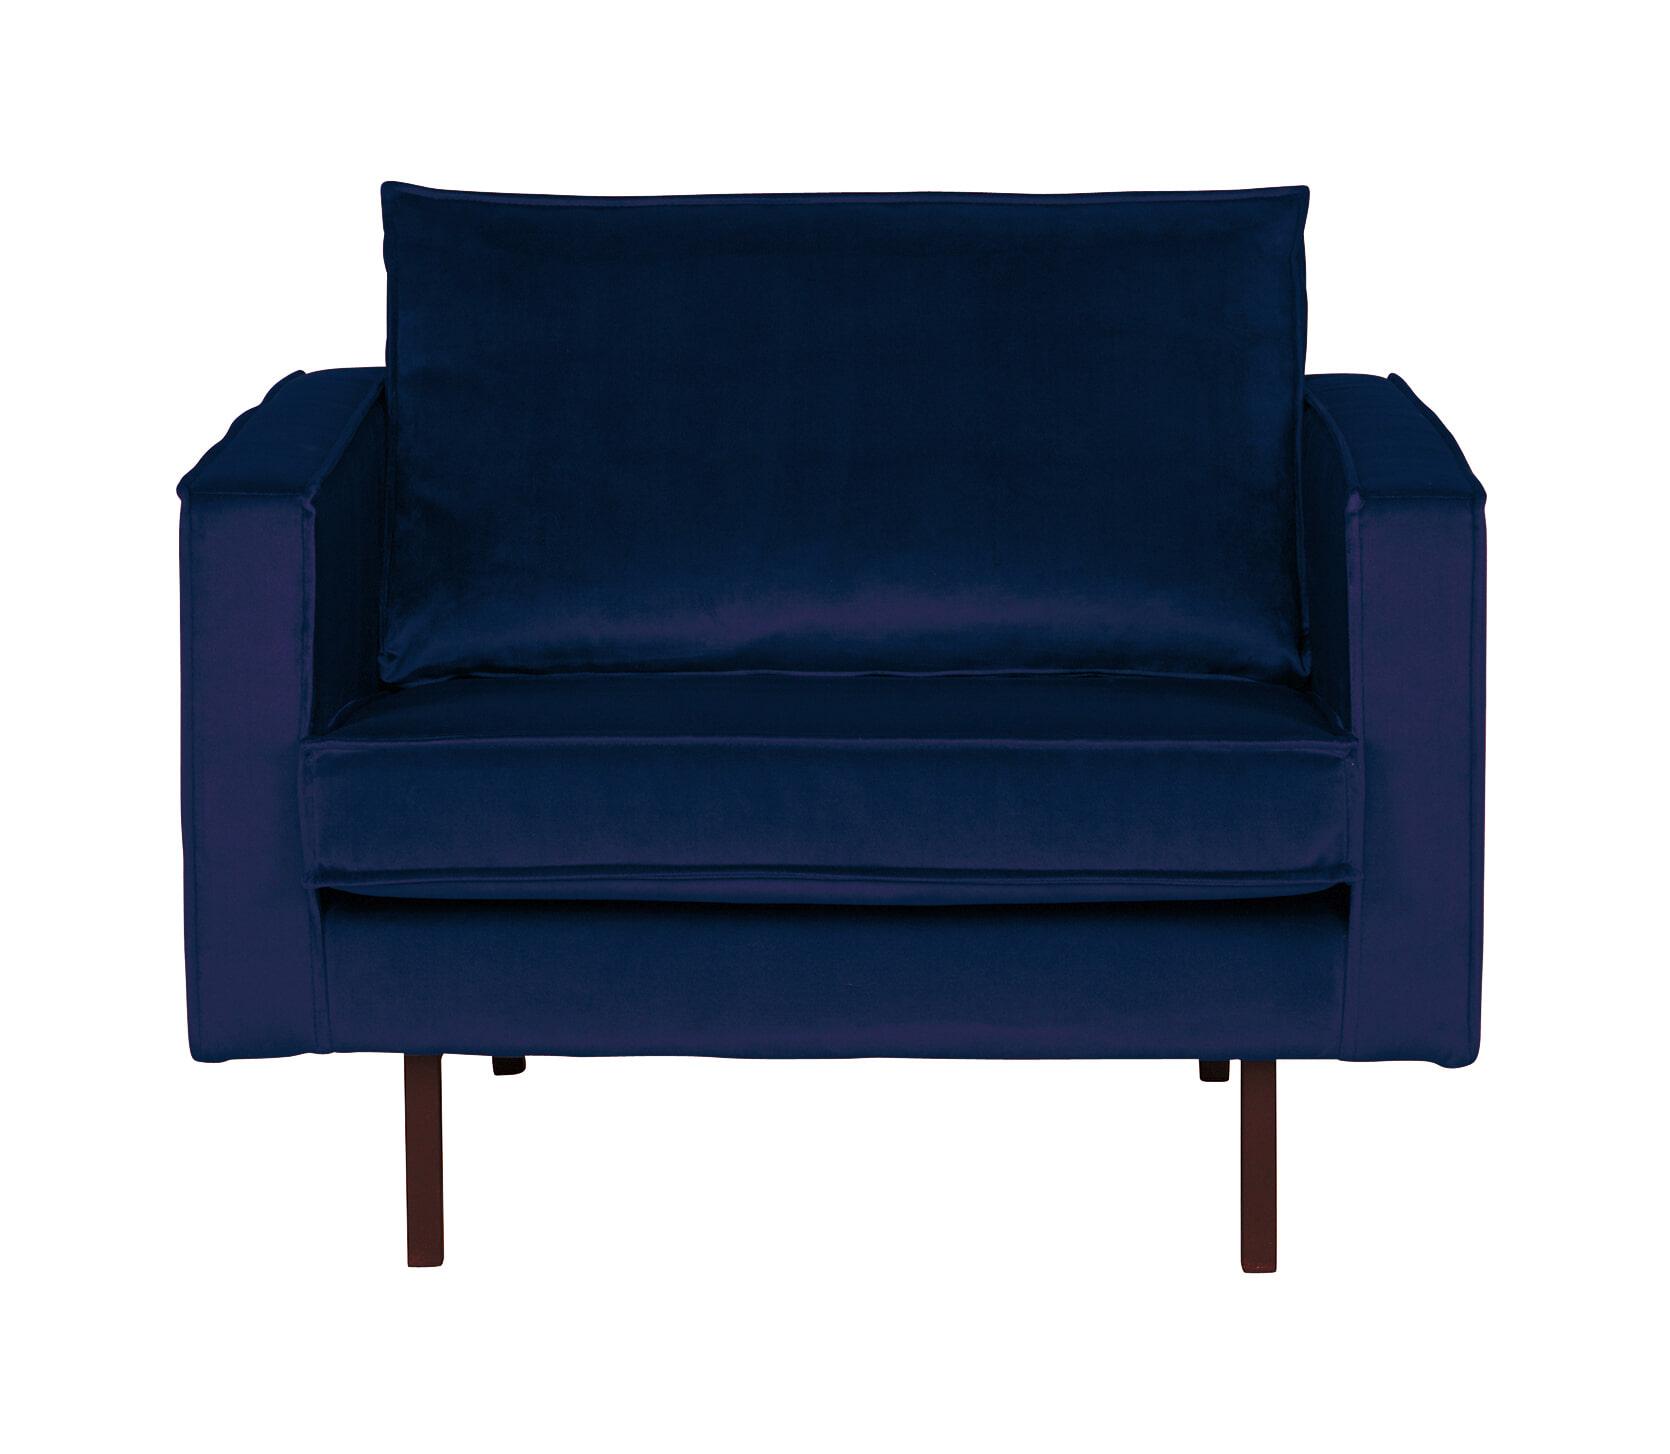 BePureHome Fauteuil 'Rodeo' Velvet, kleur Donkerblauw